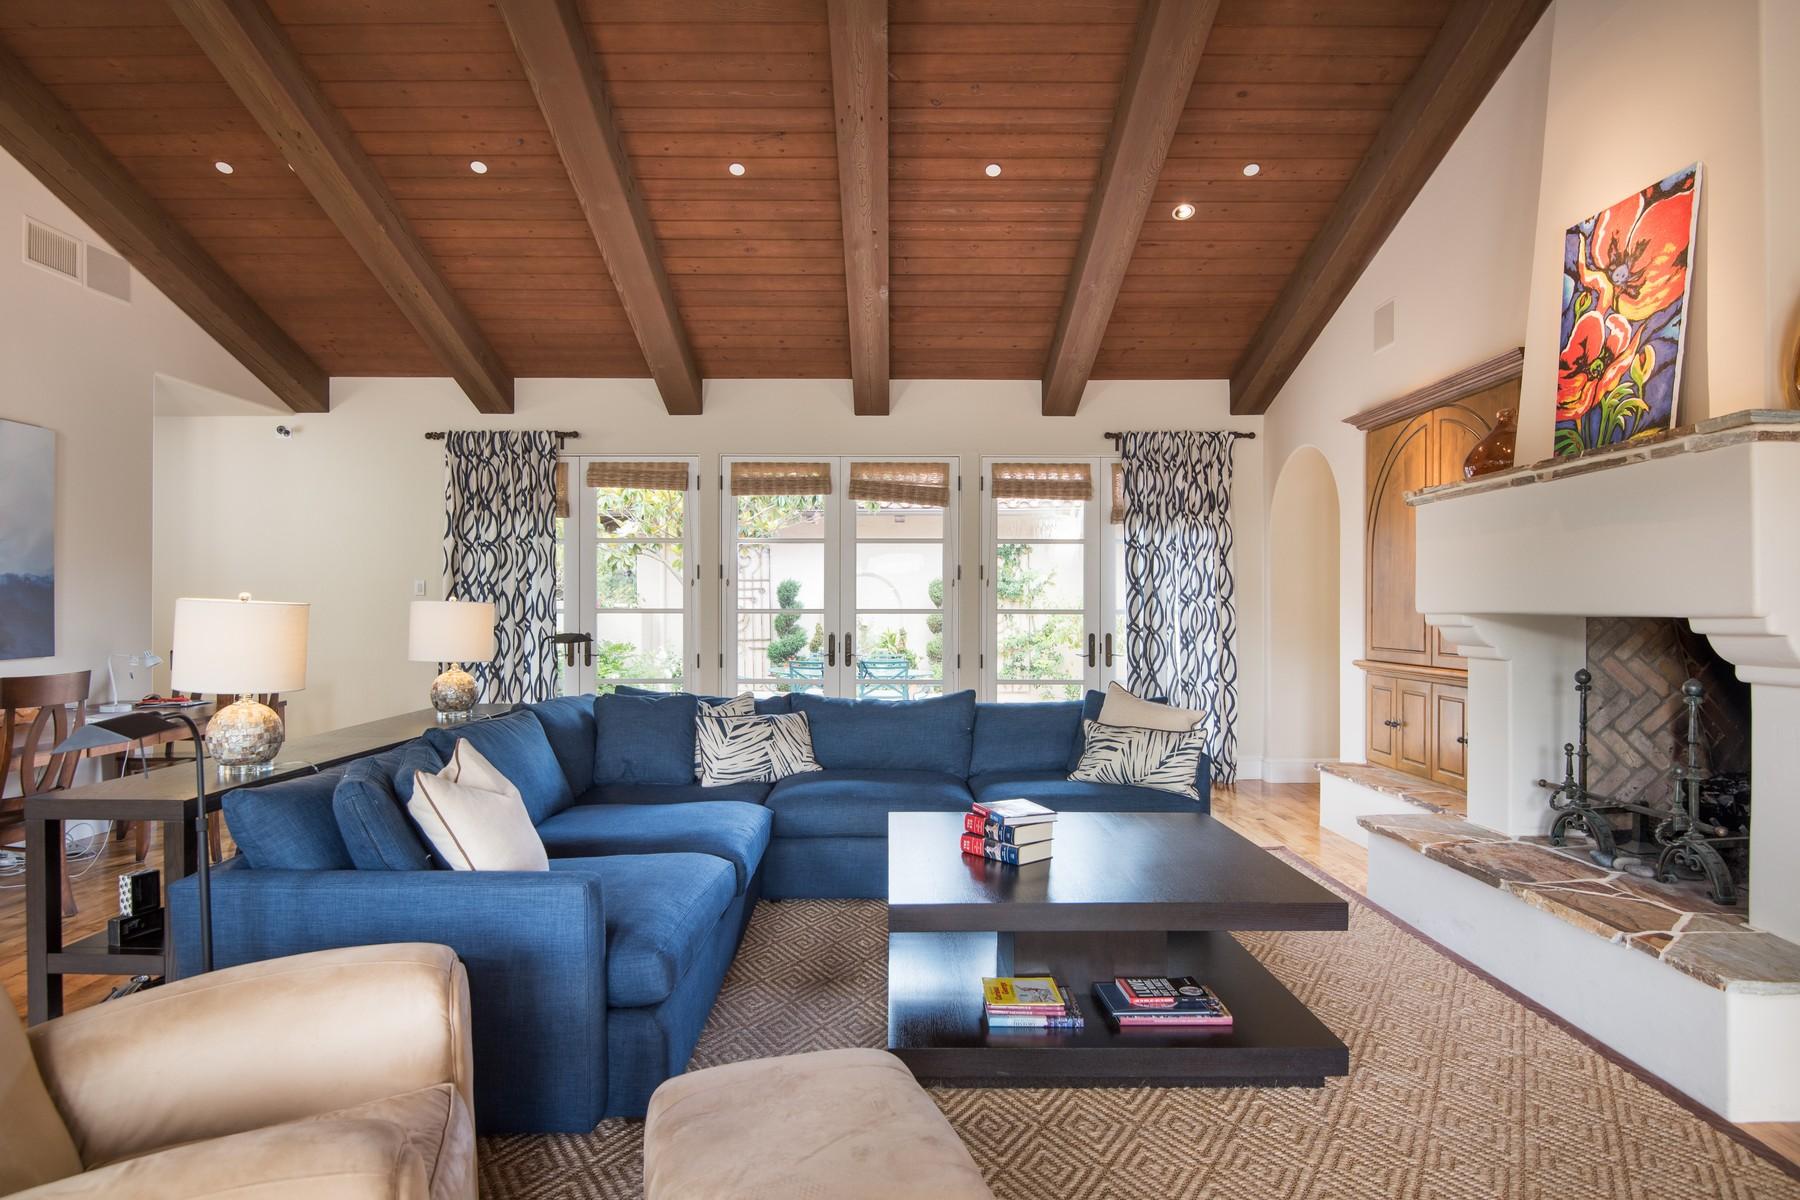 独户住宅 为 销售 在 San Elijo 5546 San Elijo Rancho Santa Fe, 加利福尼亚州 92067 美国